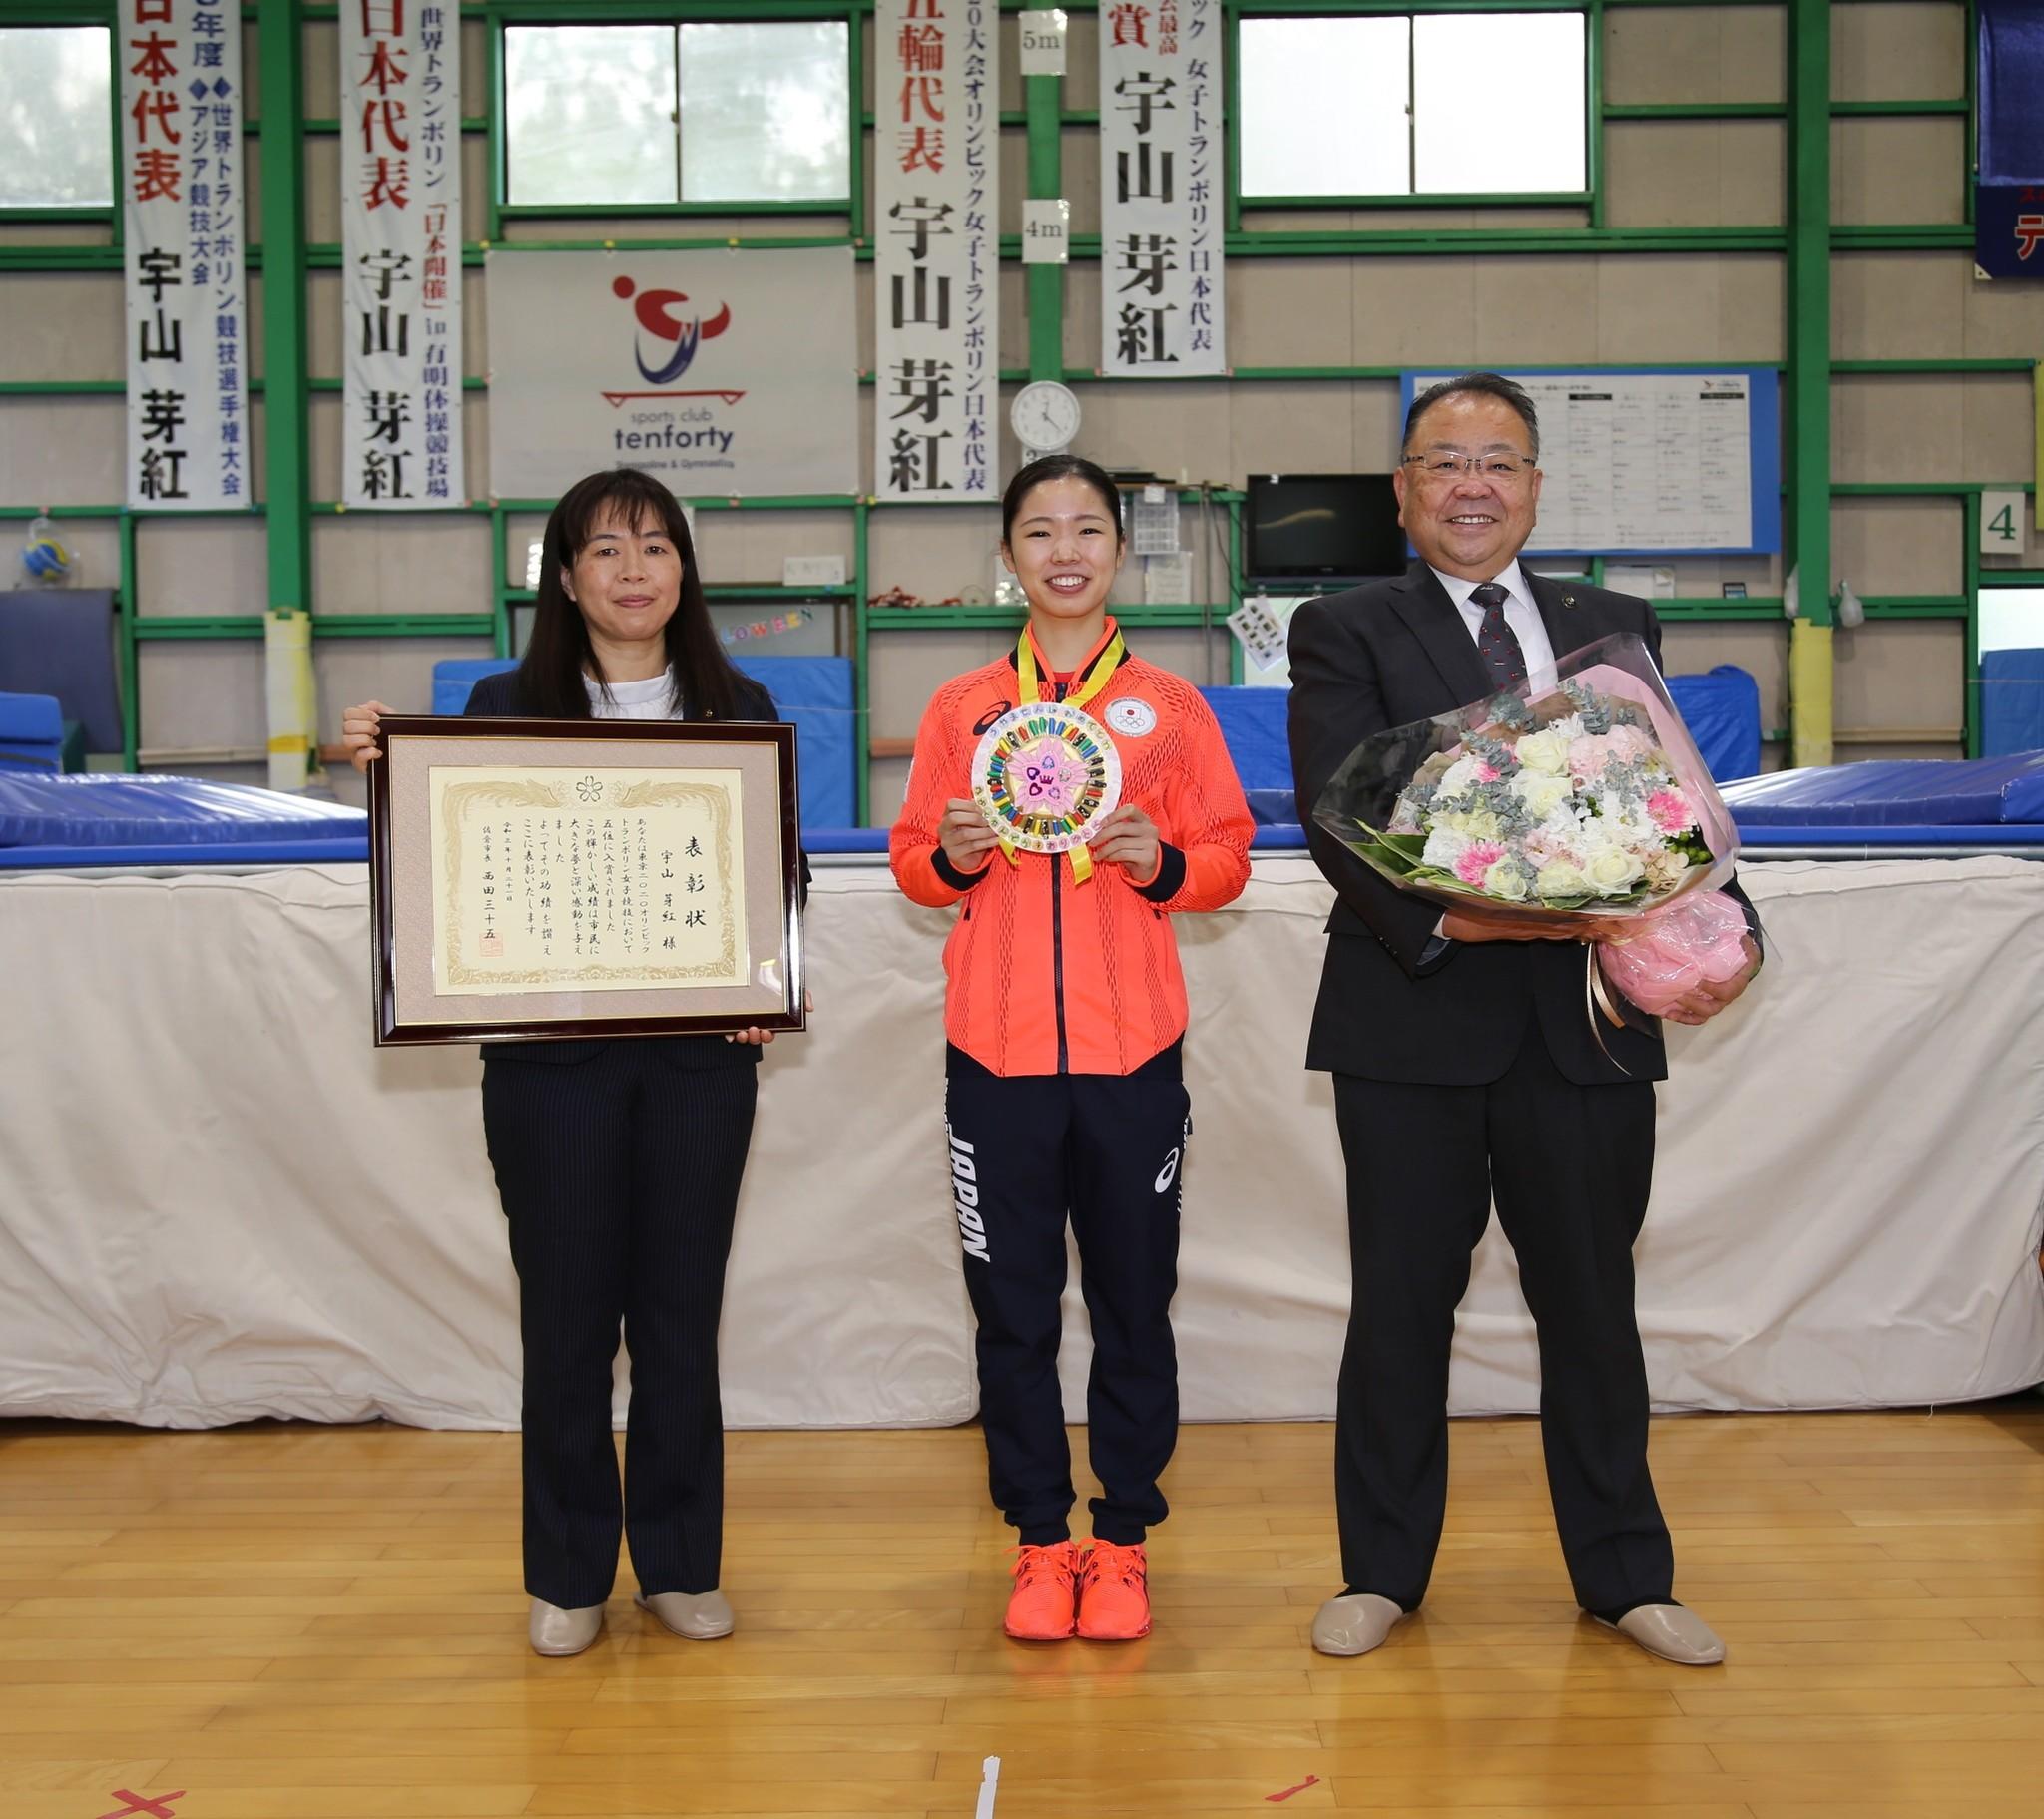 千葉県佐倉市ゆかりの東京2020オリンピック入賞選手へ表彰を行いました(千葉県佐倉市)